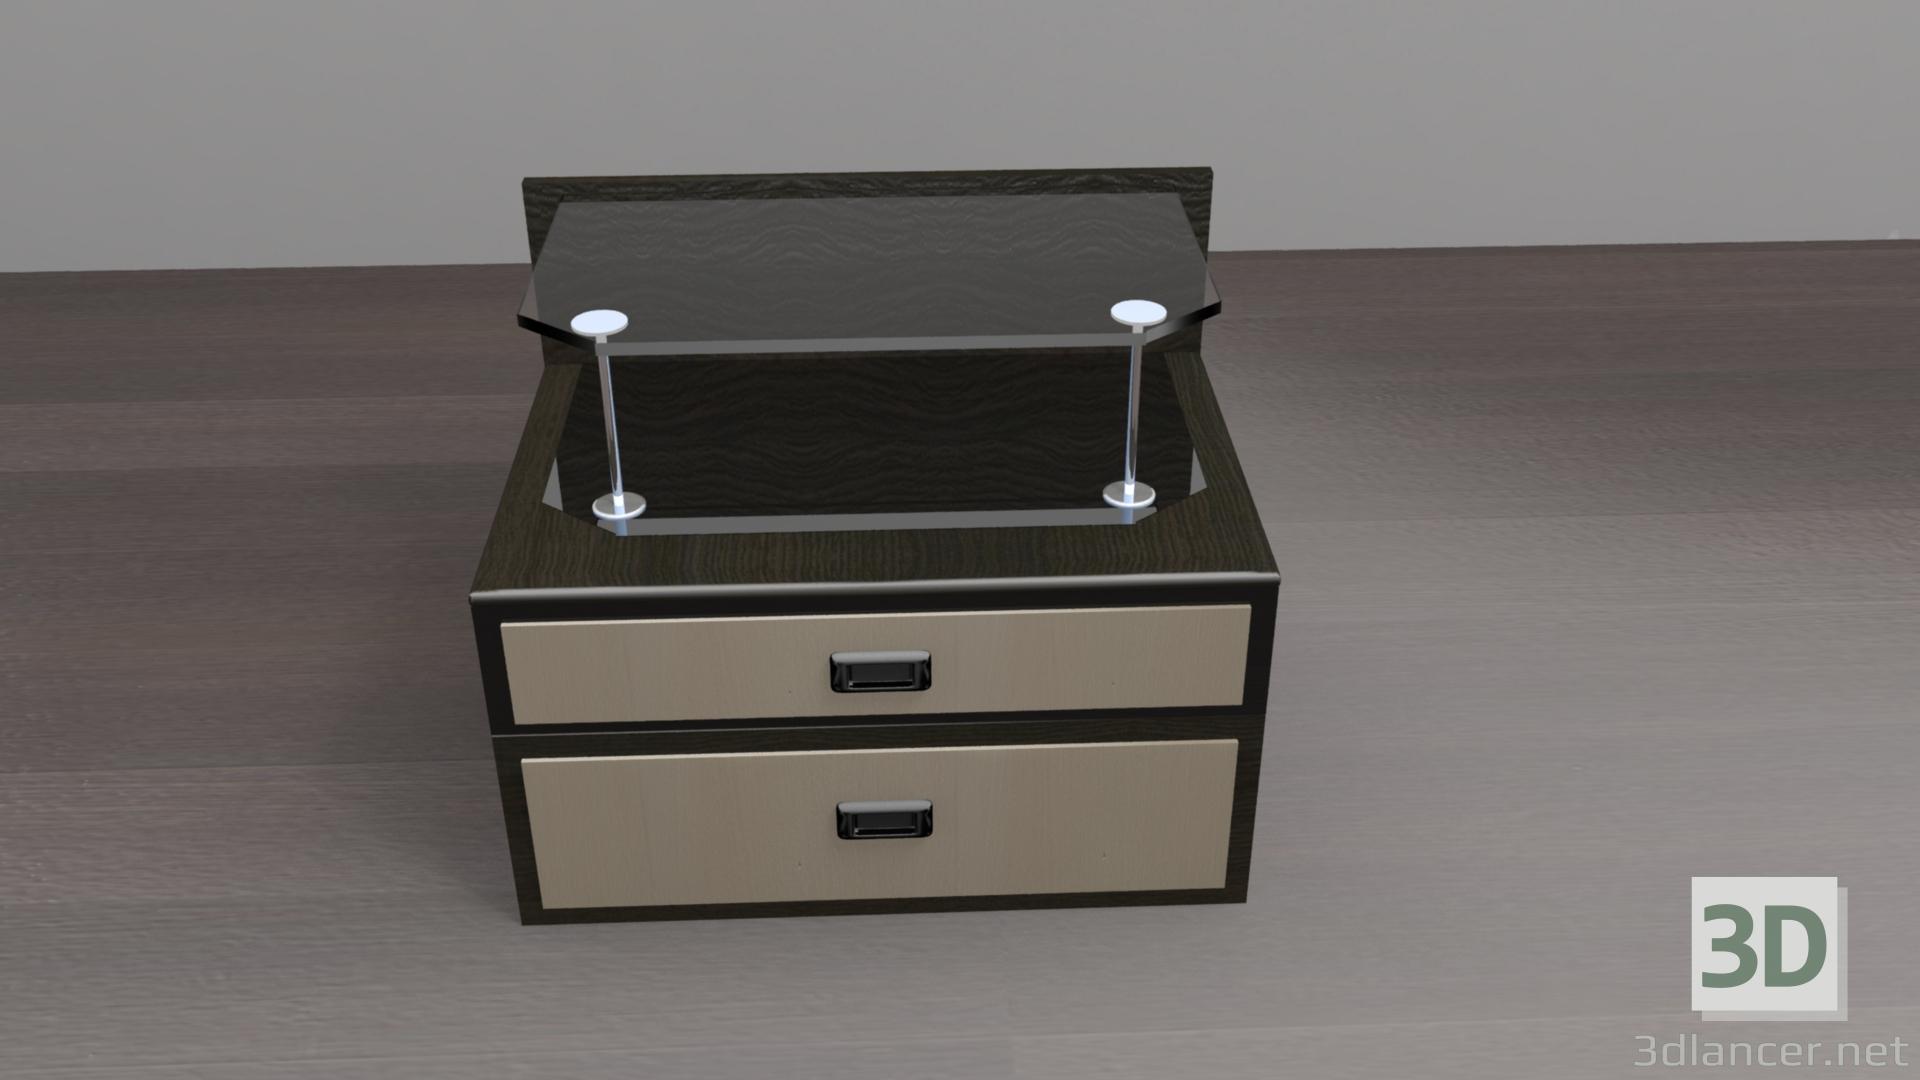 3d Gold collection number 4 model buy - render